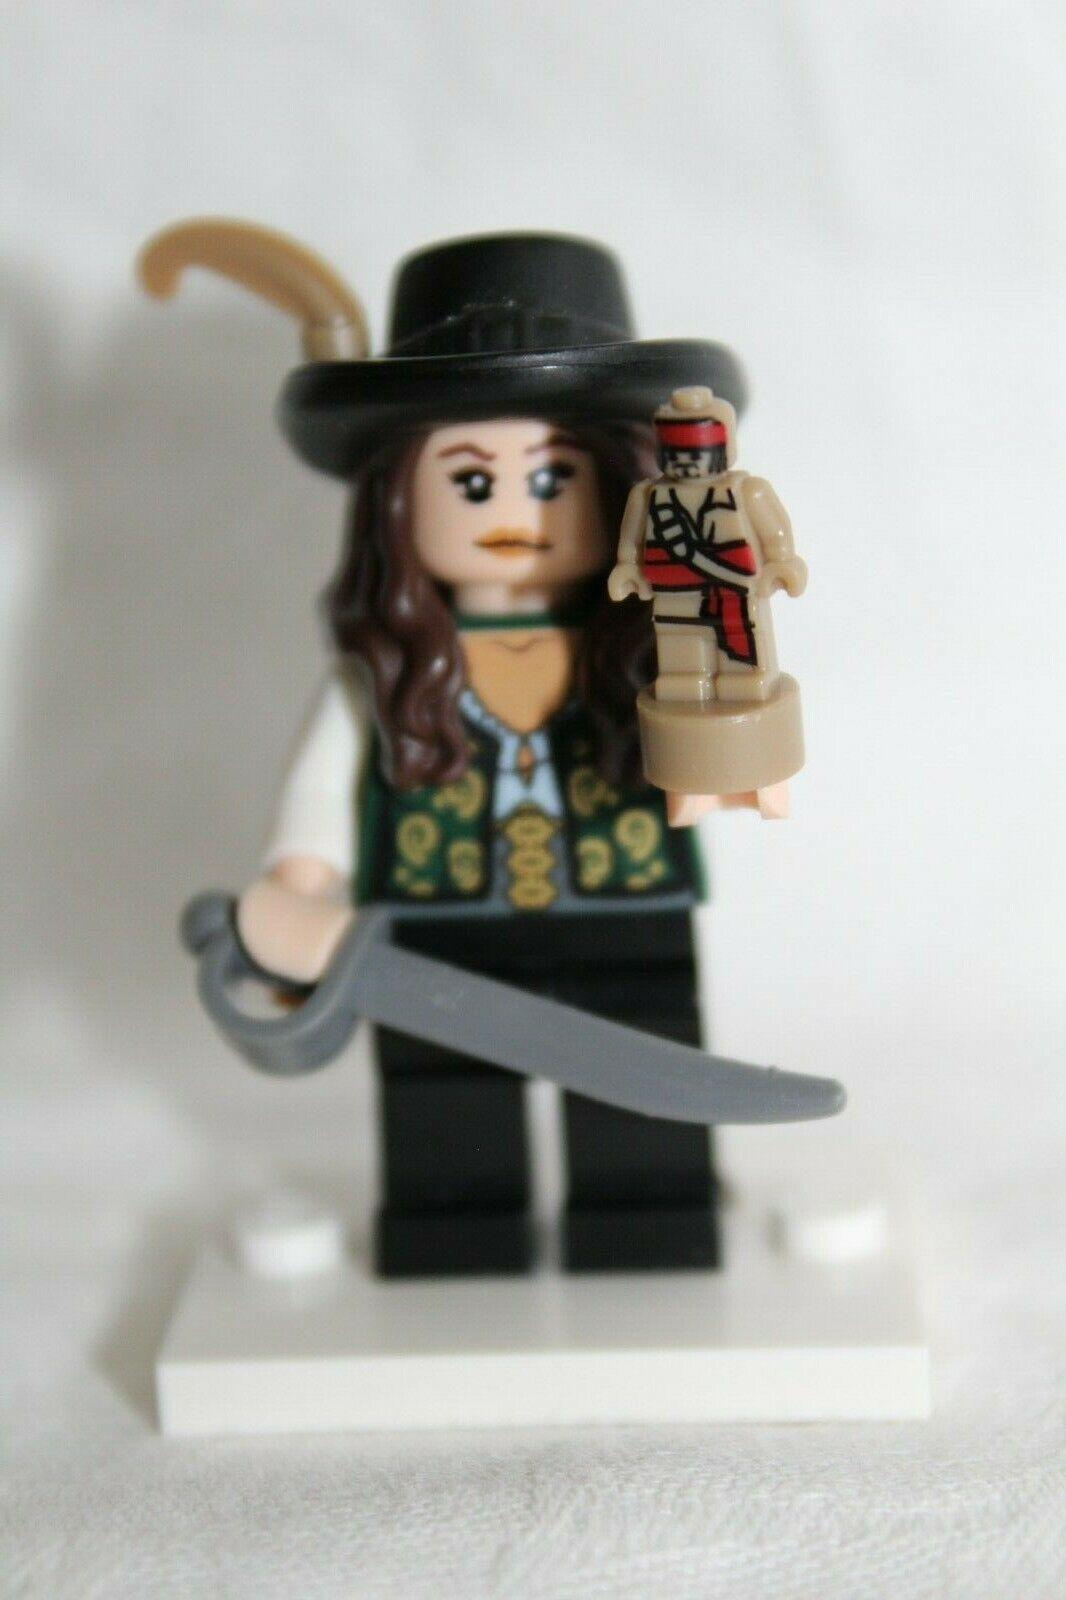 Pirates Of The autoibbean Lego minicifra  4195 Angelica poc006 Pristine condition  Sconto del 70% a buon mercato